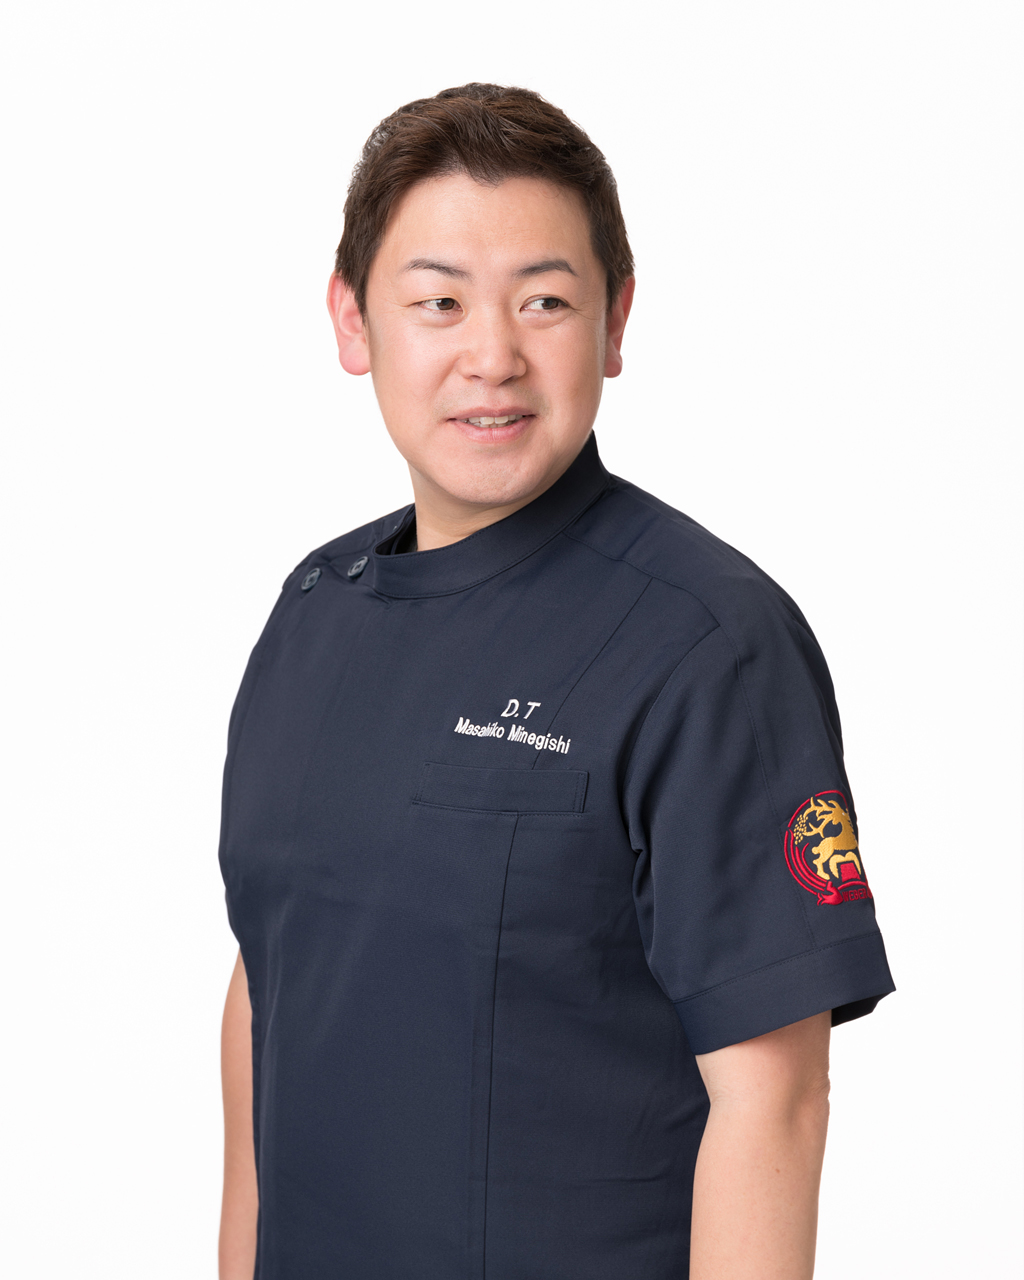 峰岸真沙彦先生(株式会社メイスター)